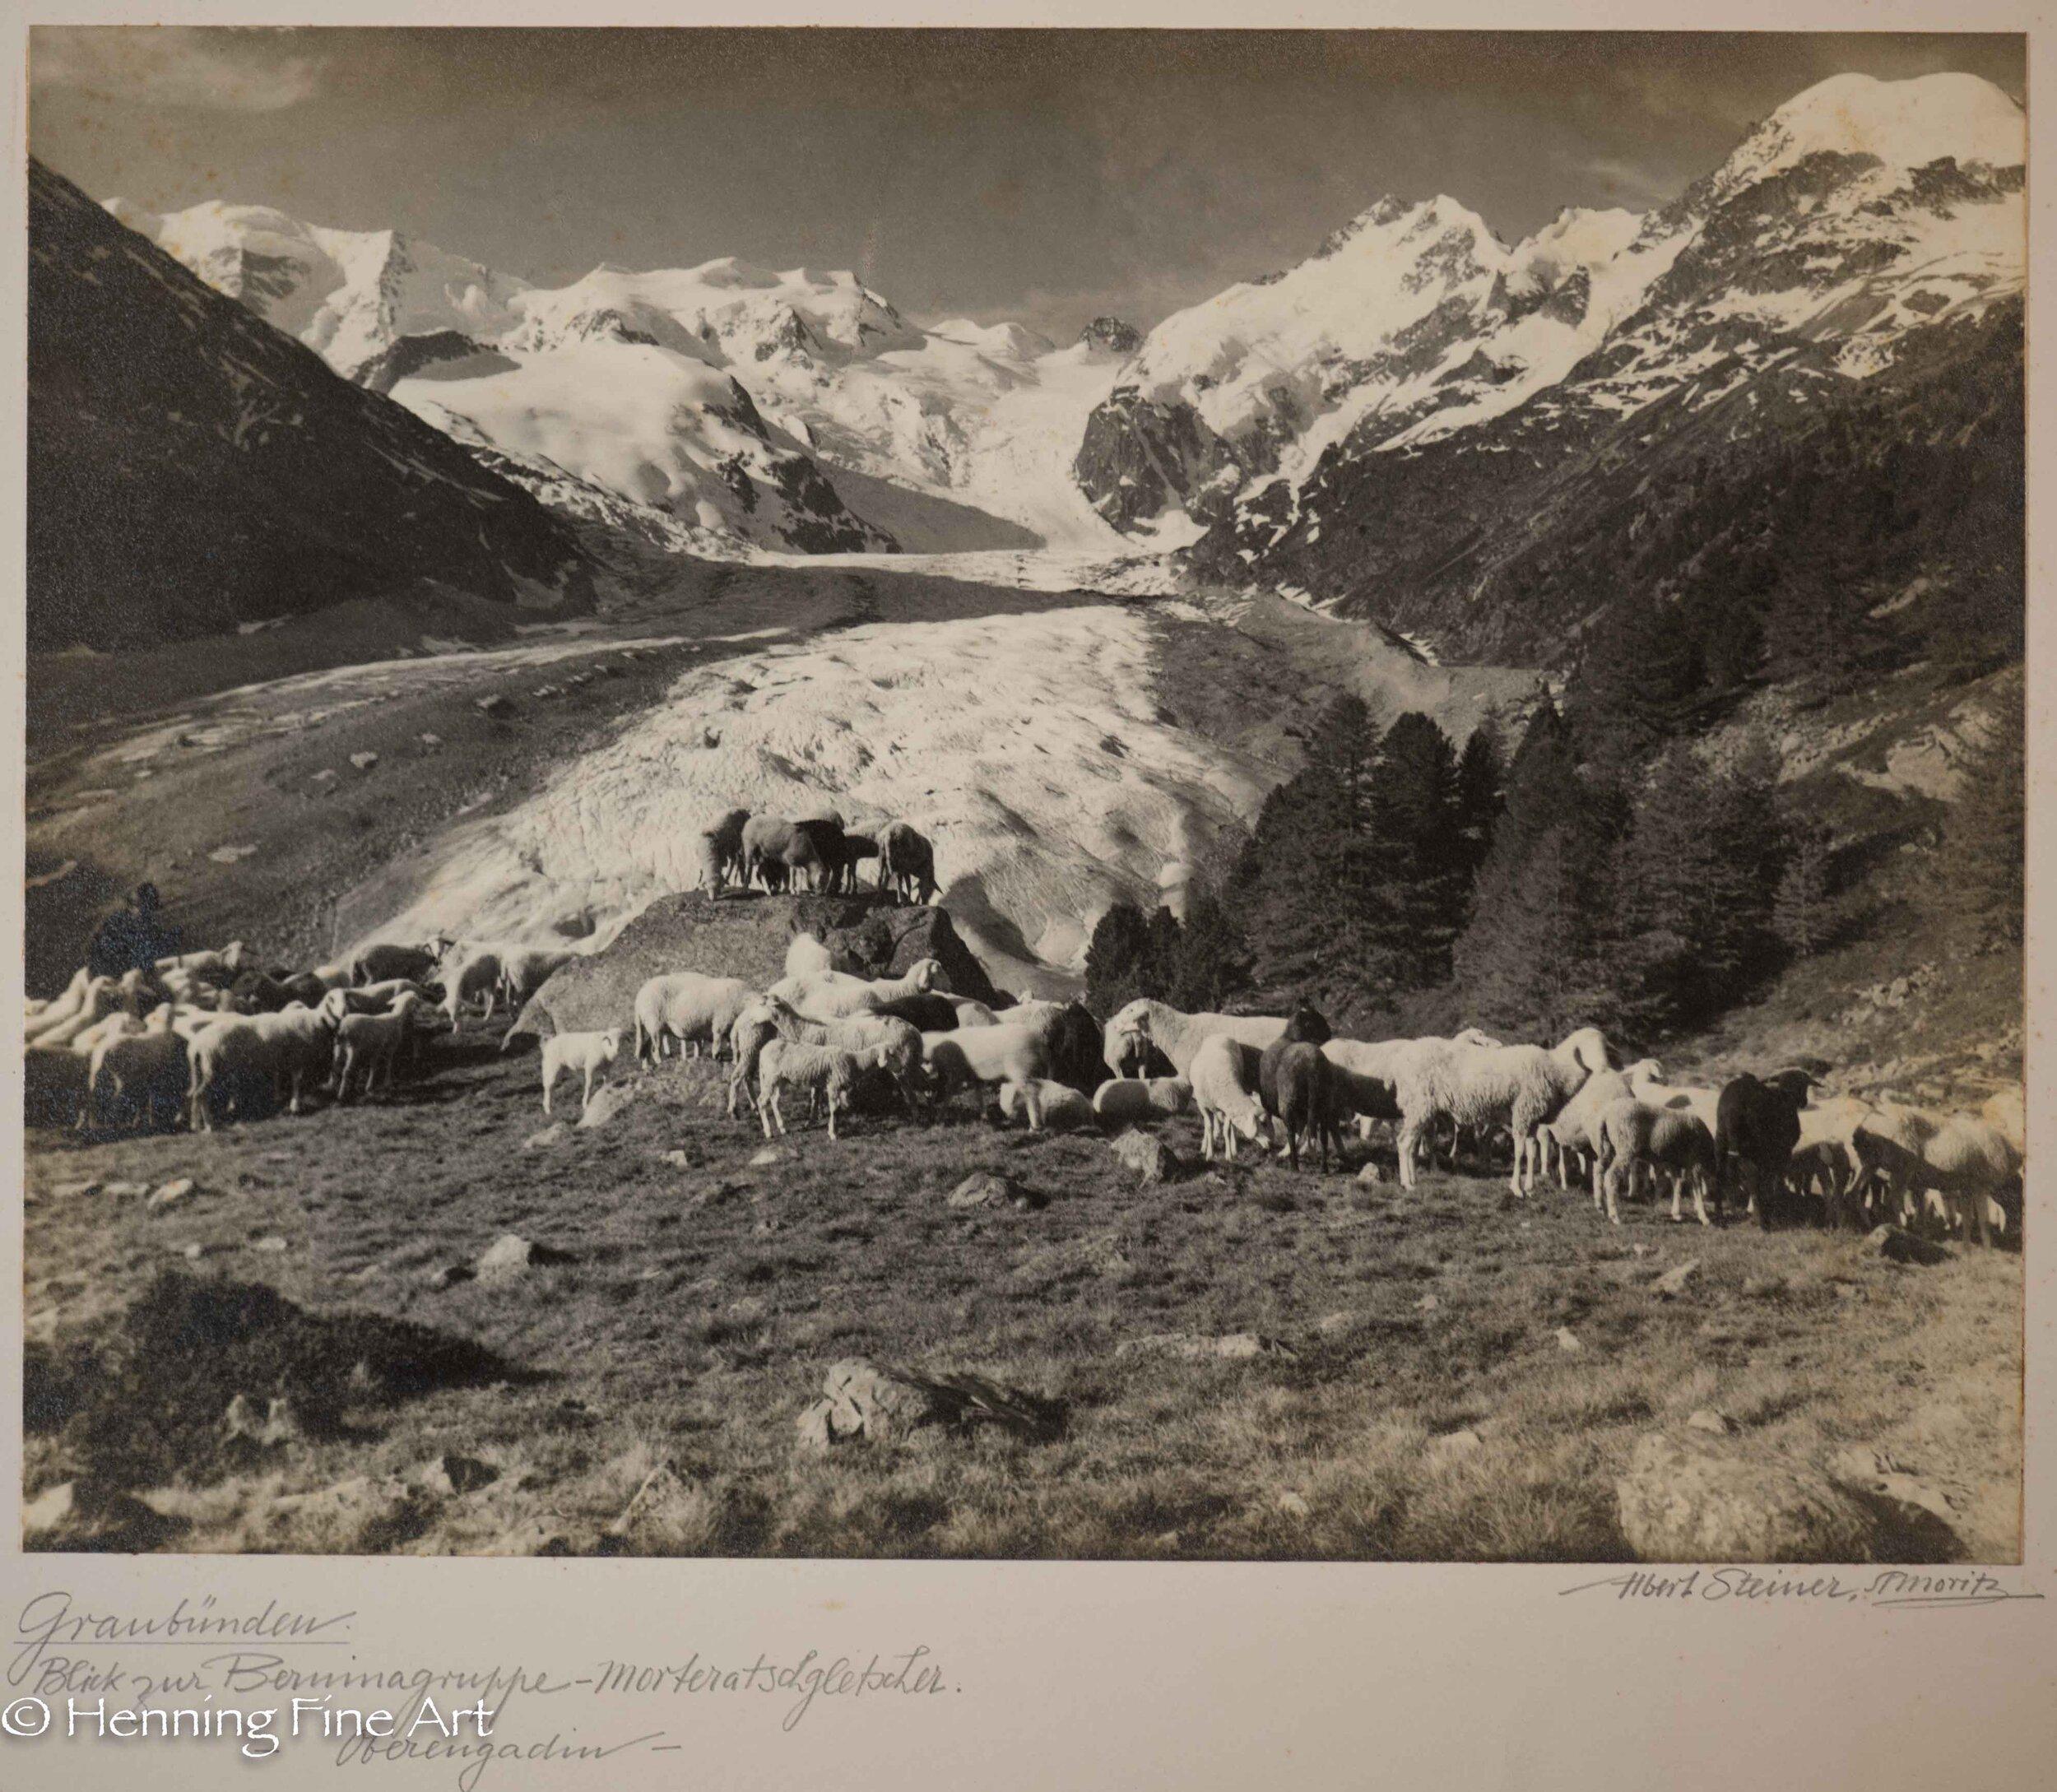 """Albert Steiner (1877 - 1965) """"Graubunden. Blick zur Berninagruppe - Morteratschgletscher. - Oberengadin-""""  Image (6-5)"""